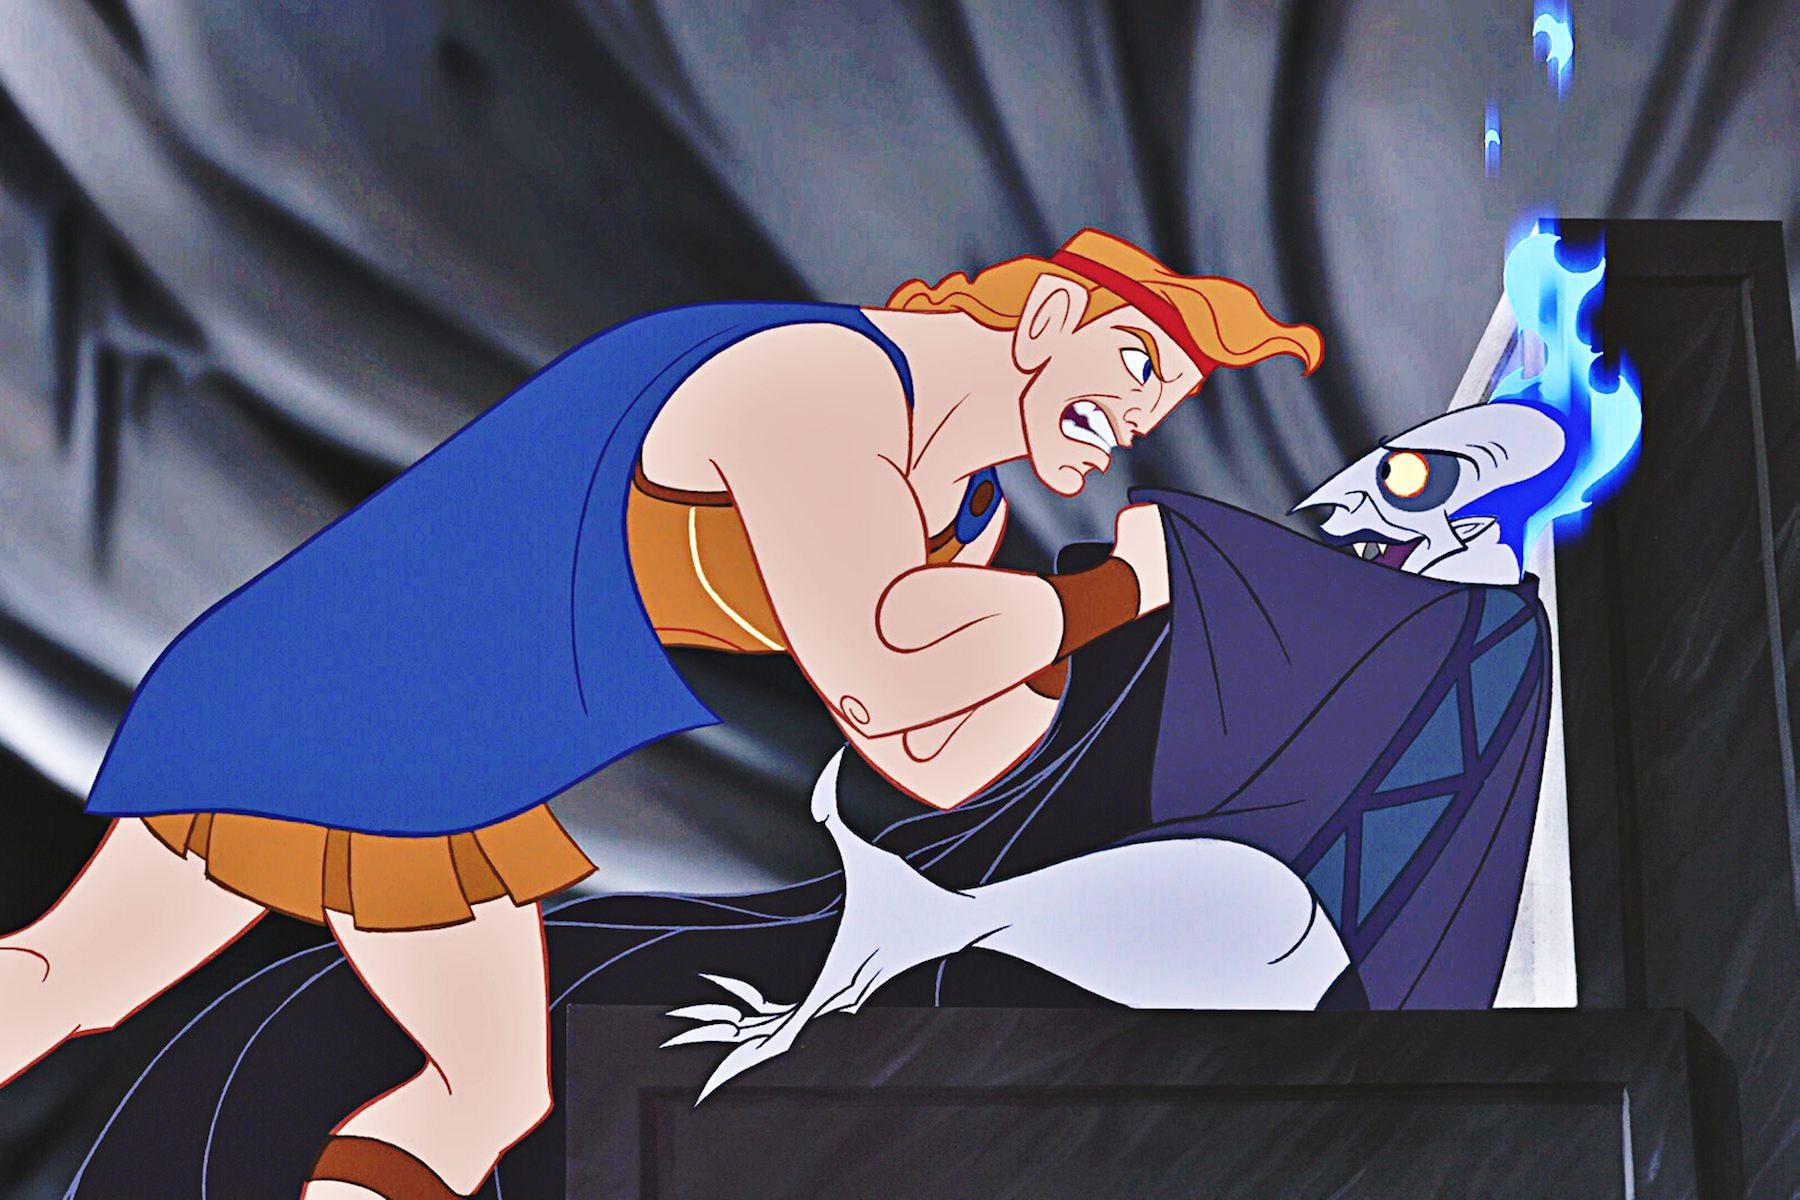 Disney 1997 hercule musker clements